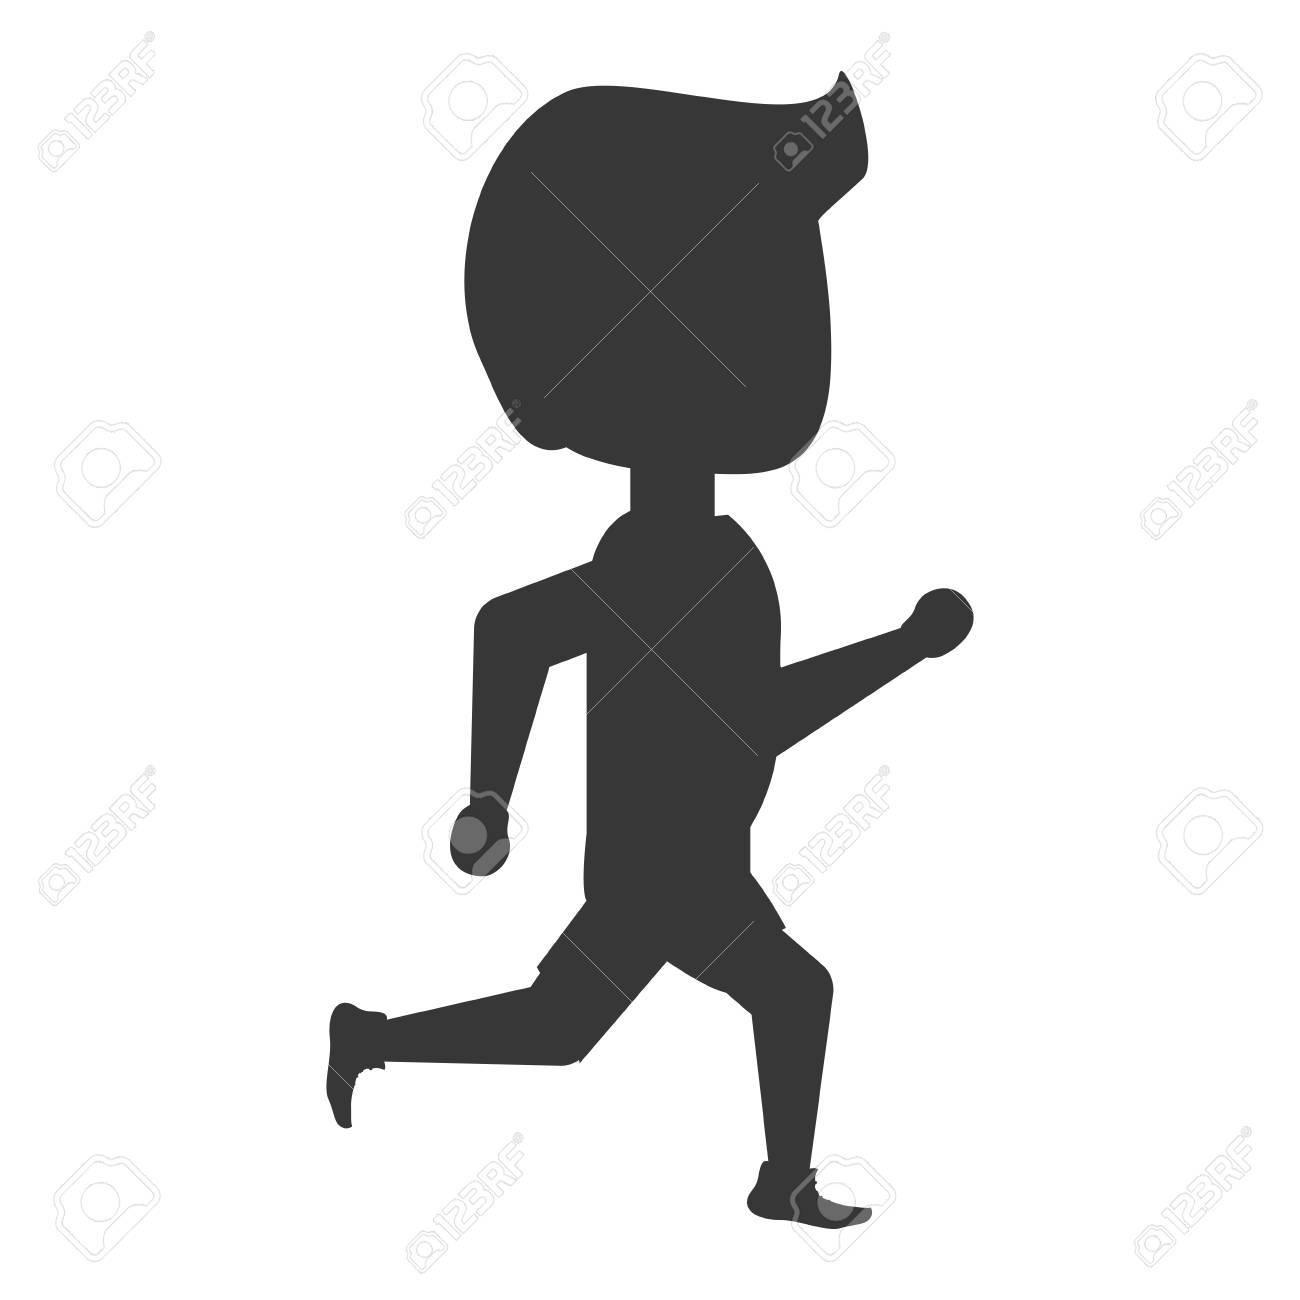 漫画のアイコン ベクトル イラスト グラフィック デザインを走っている人